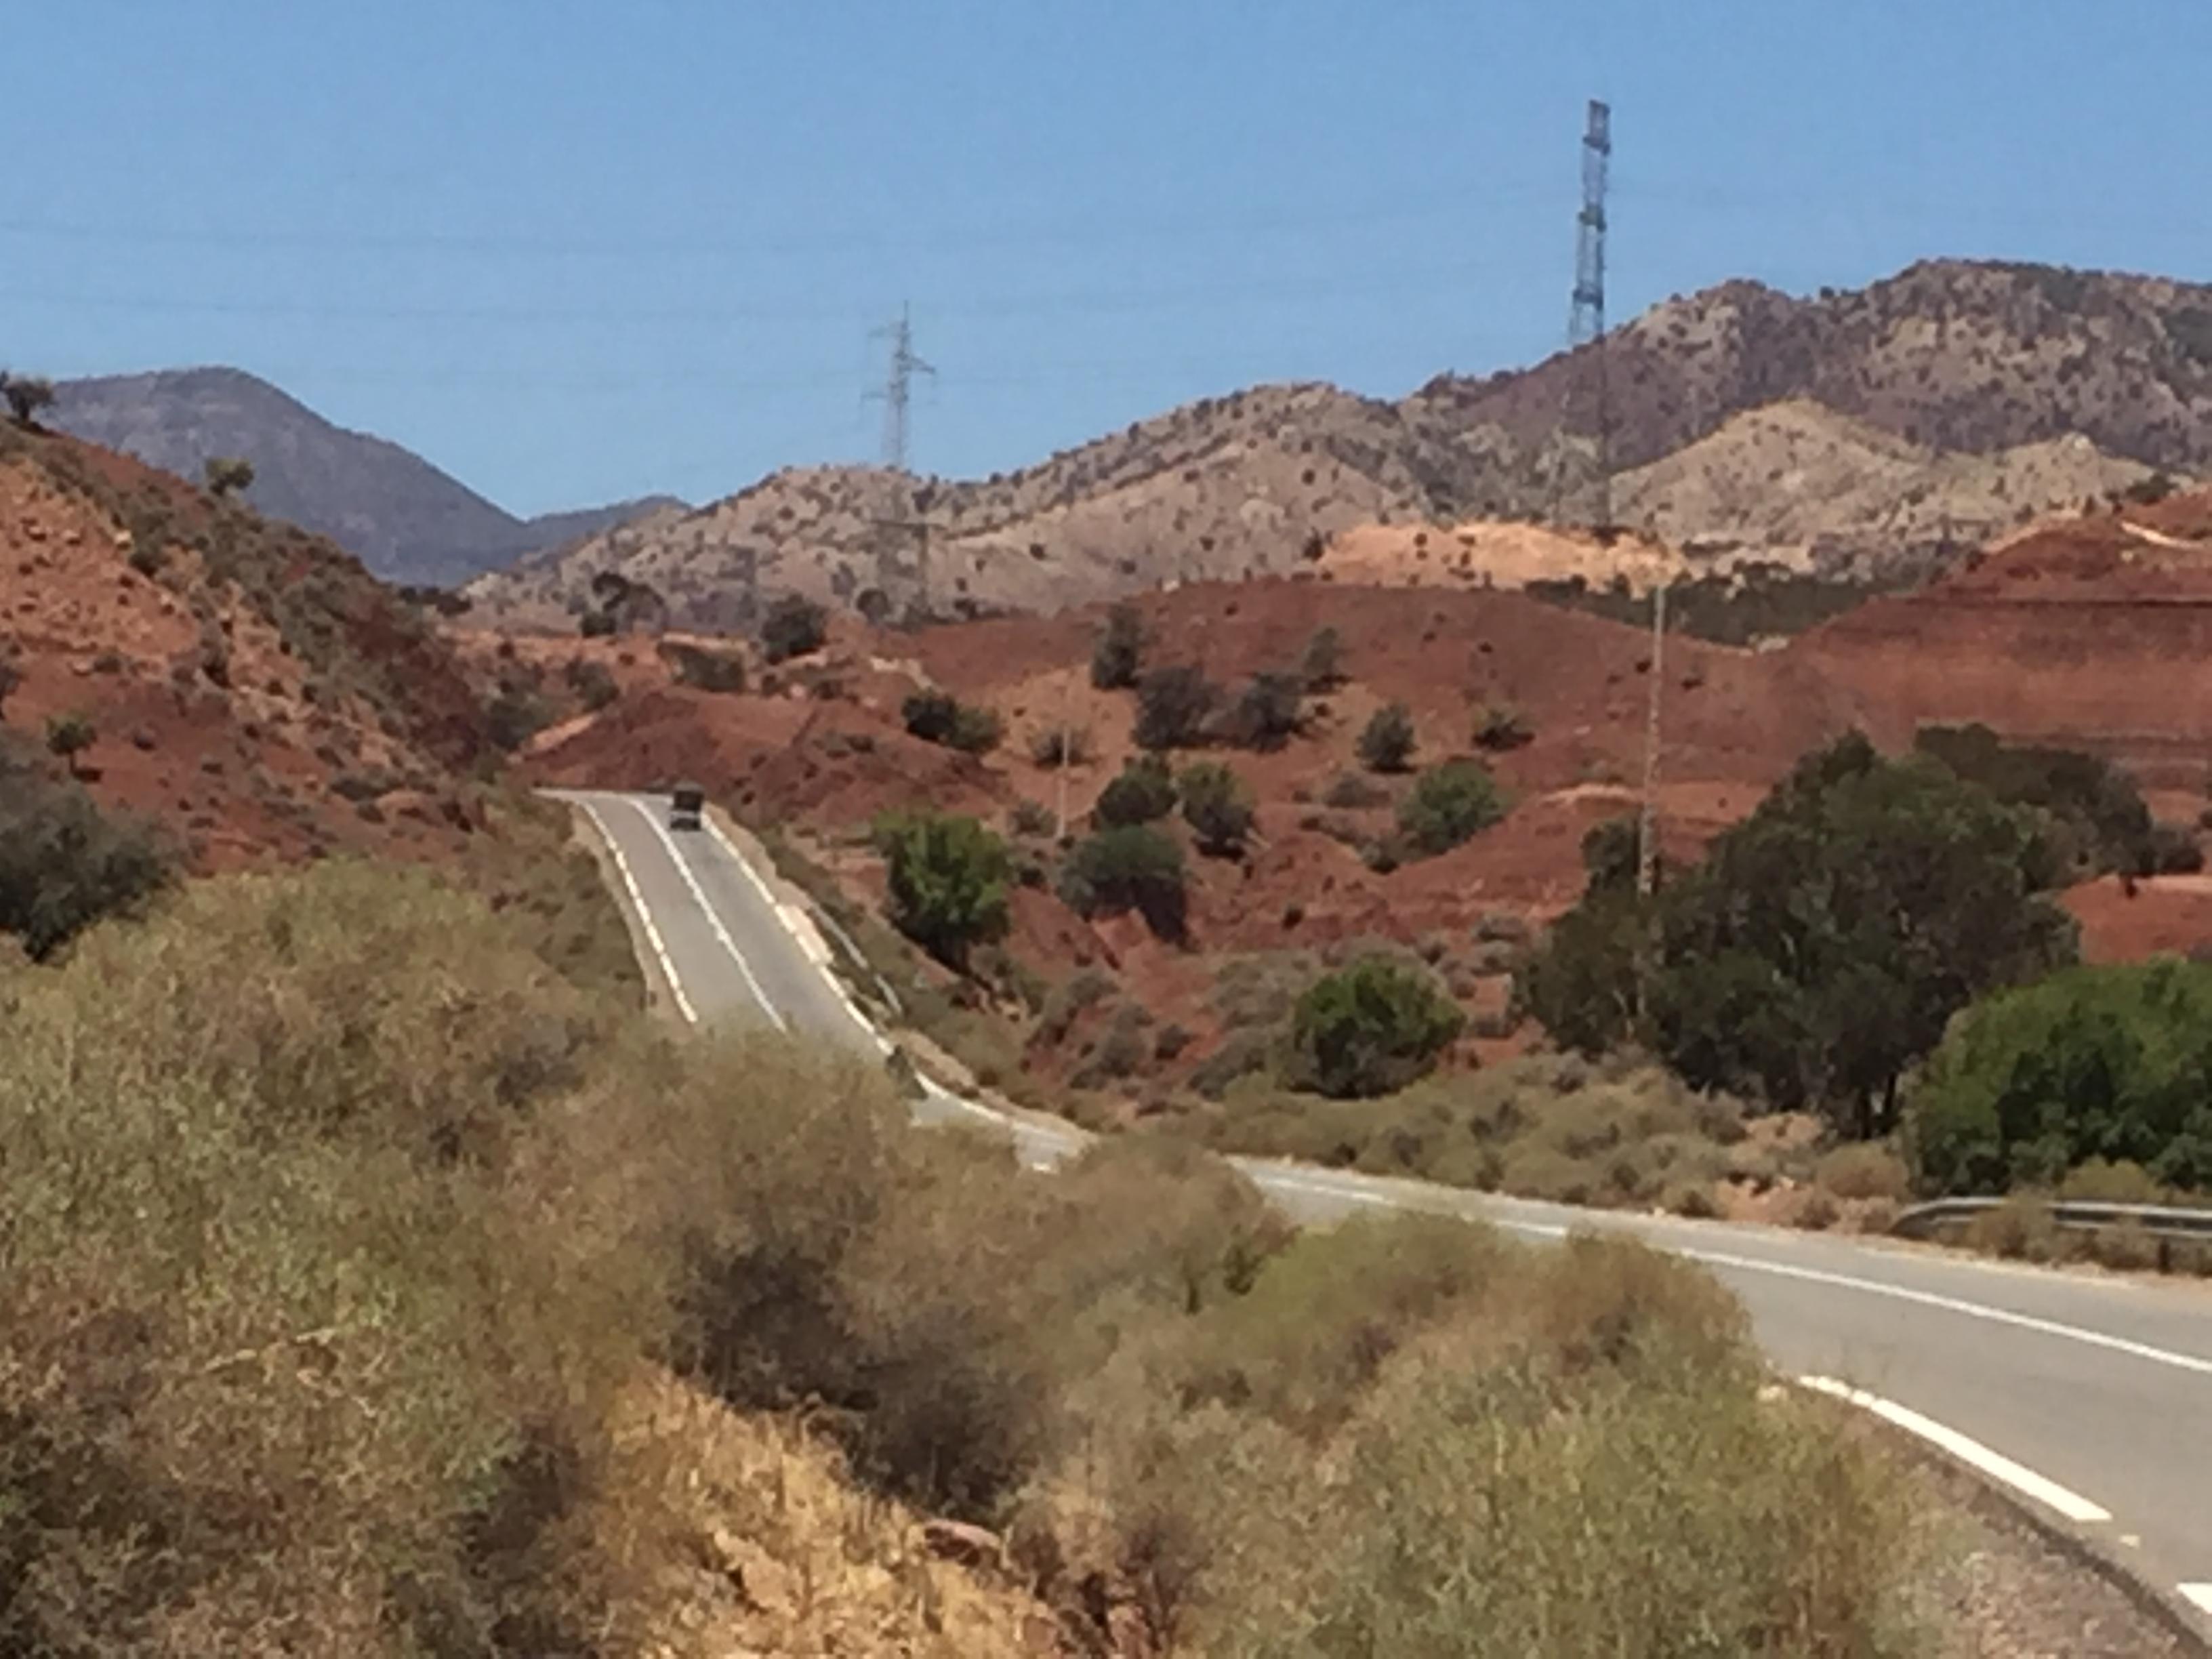 Wüste zwischen Agadir und Marrakesch